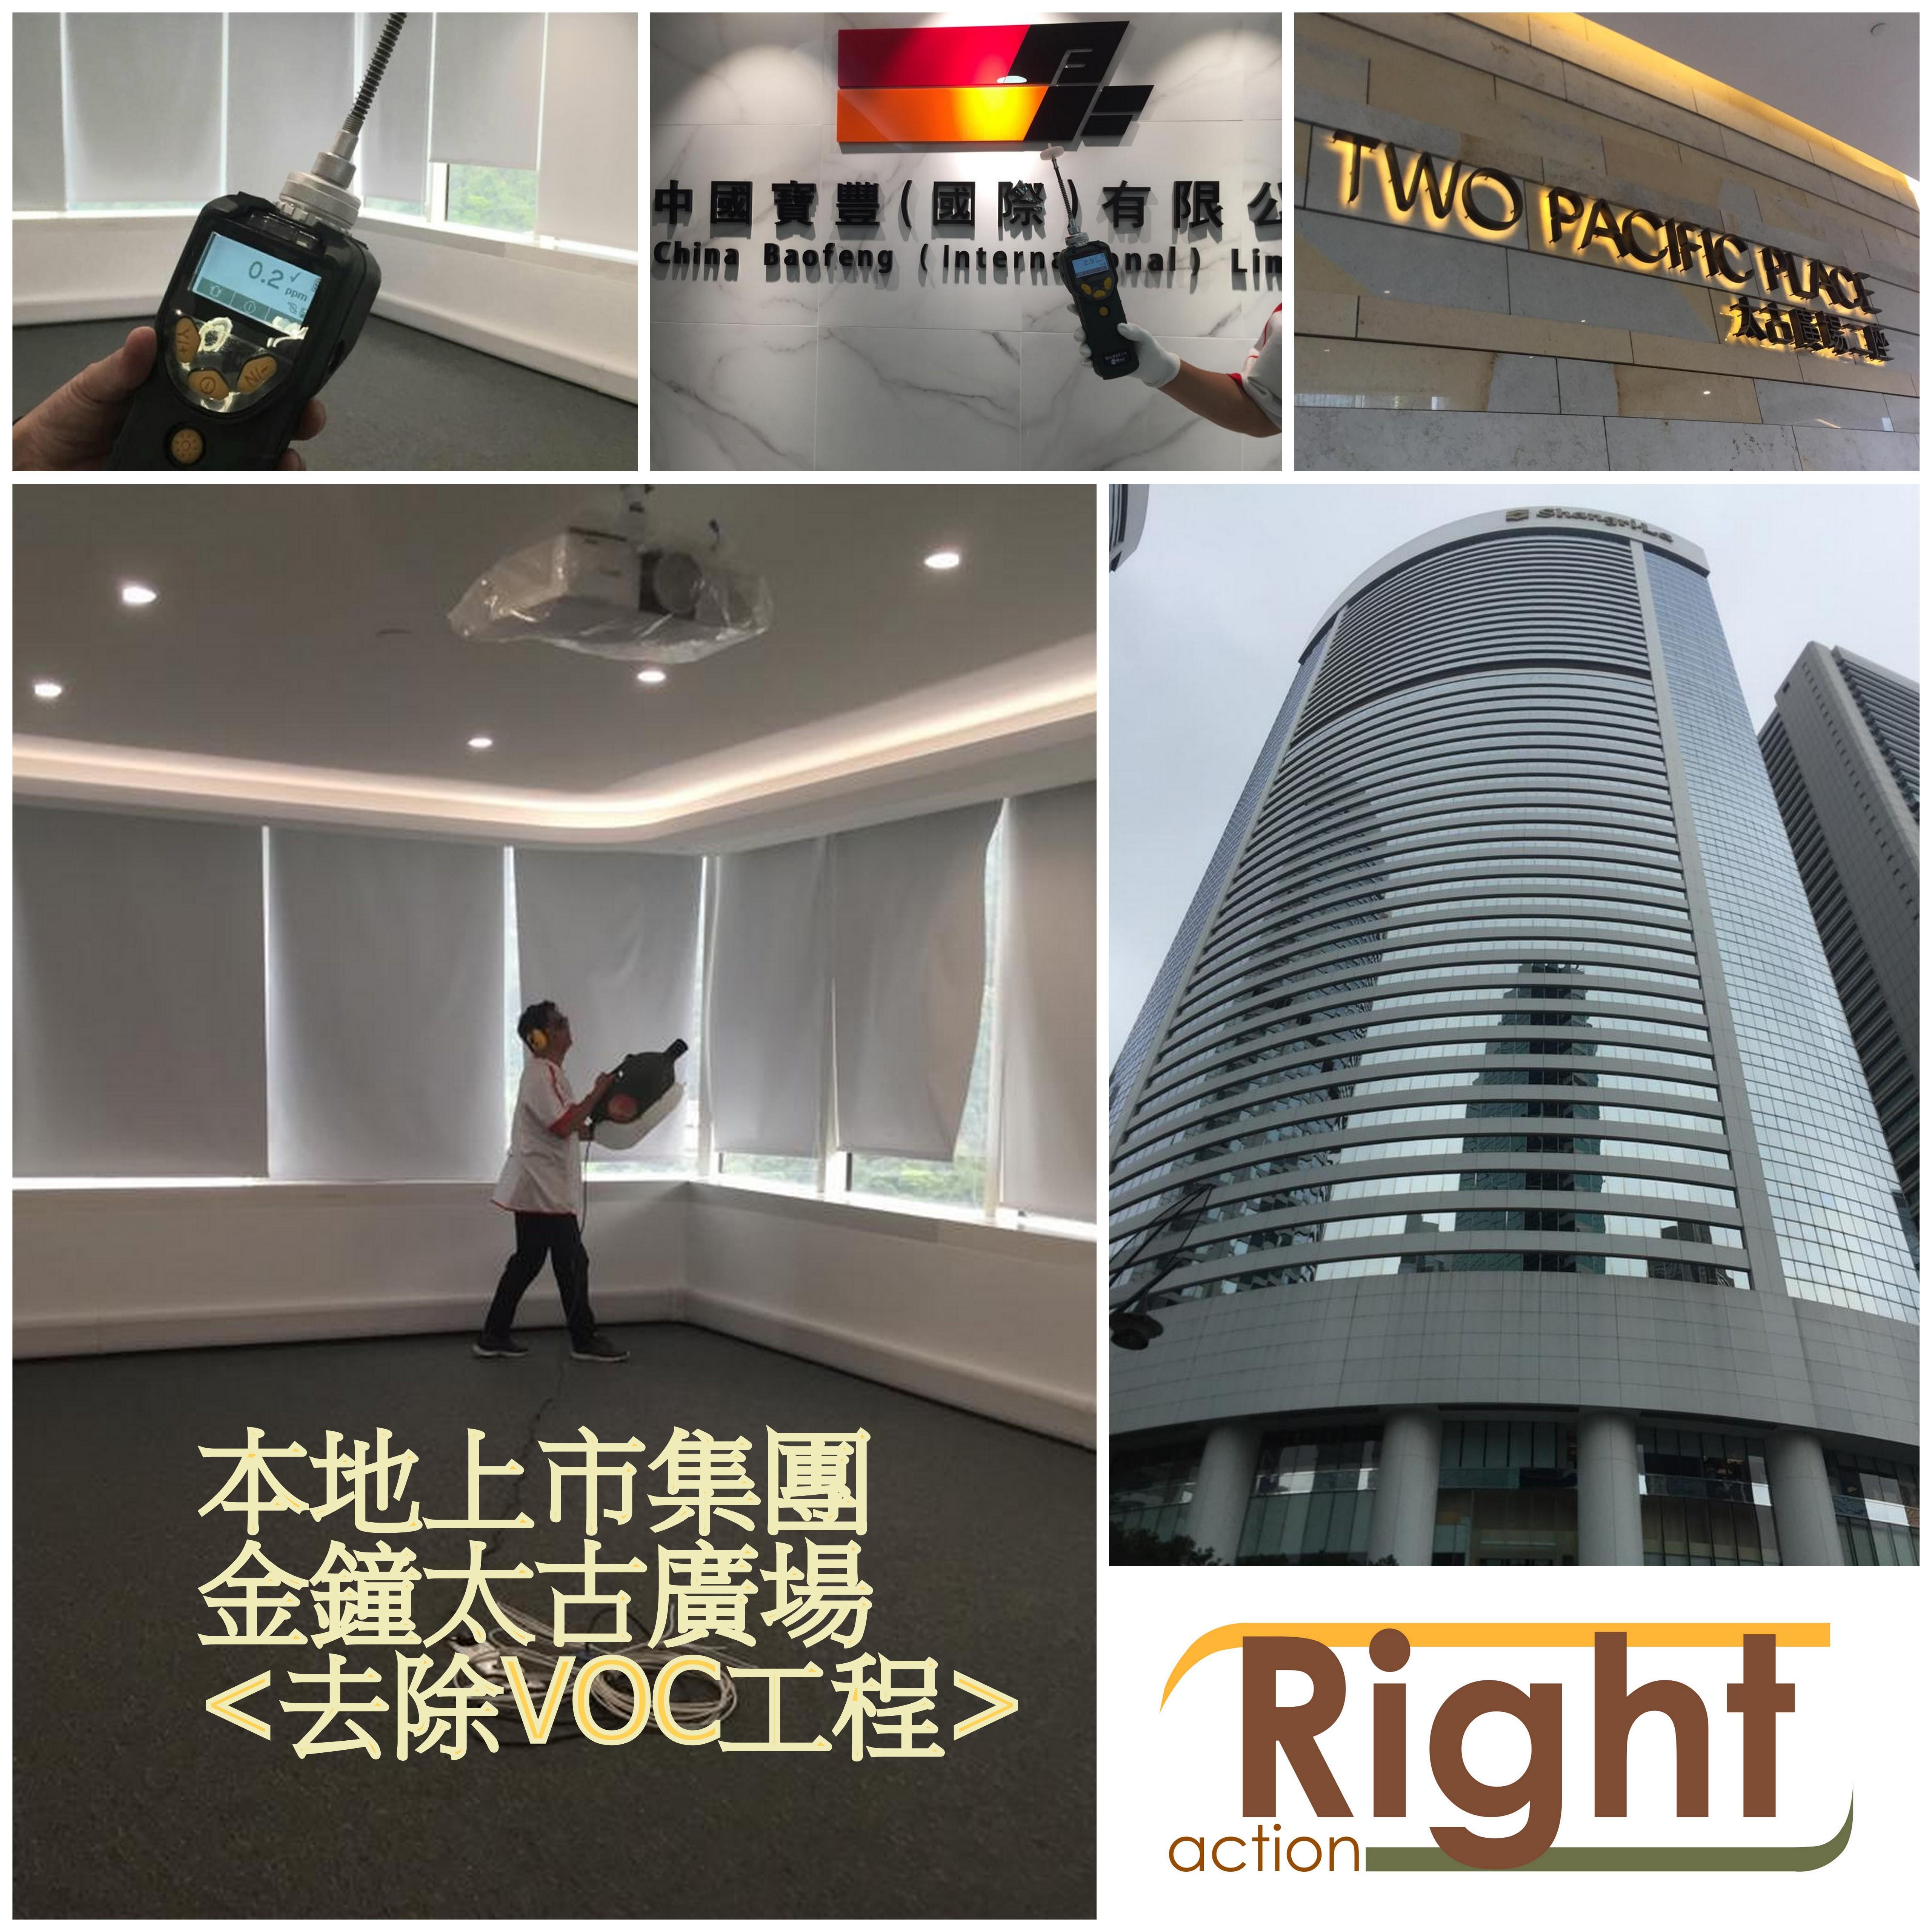 金鐘太古廣場辦公室去除VOC工程